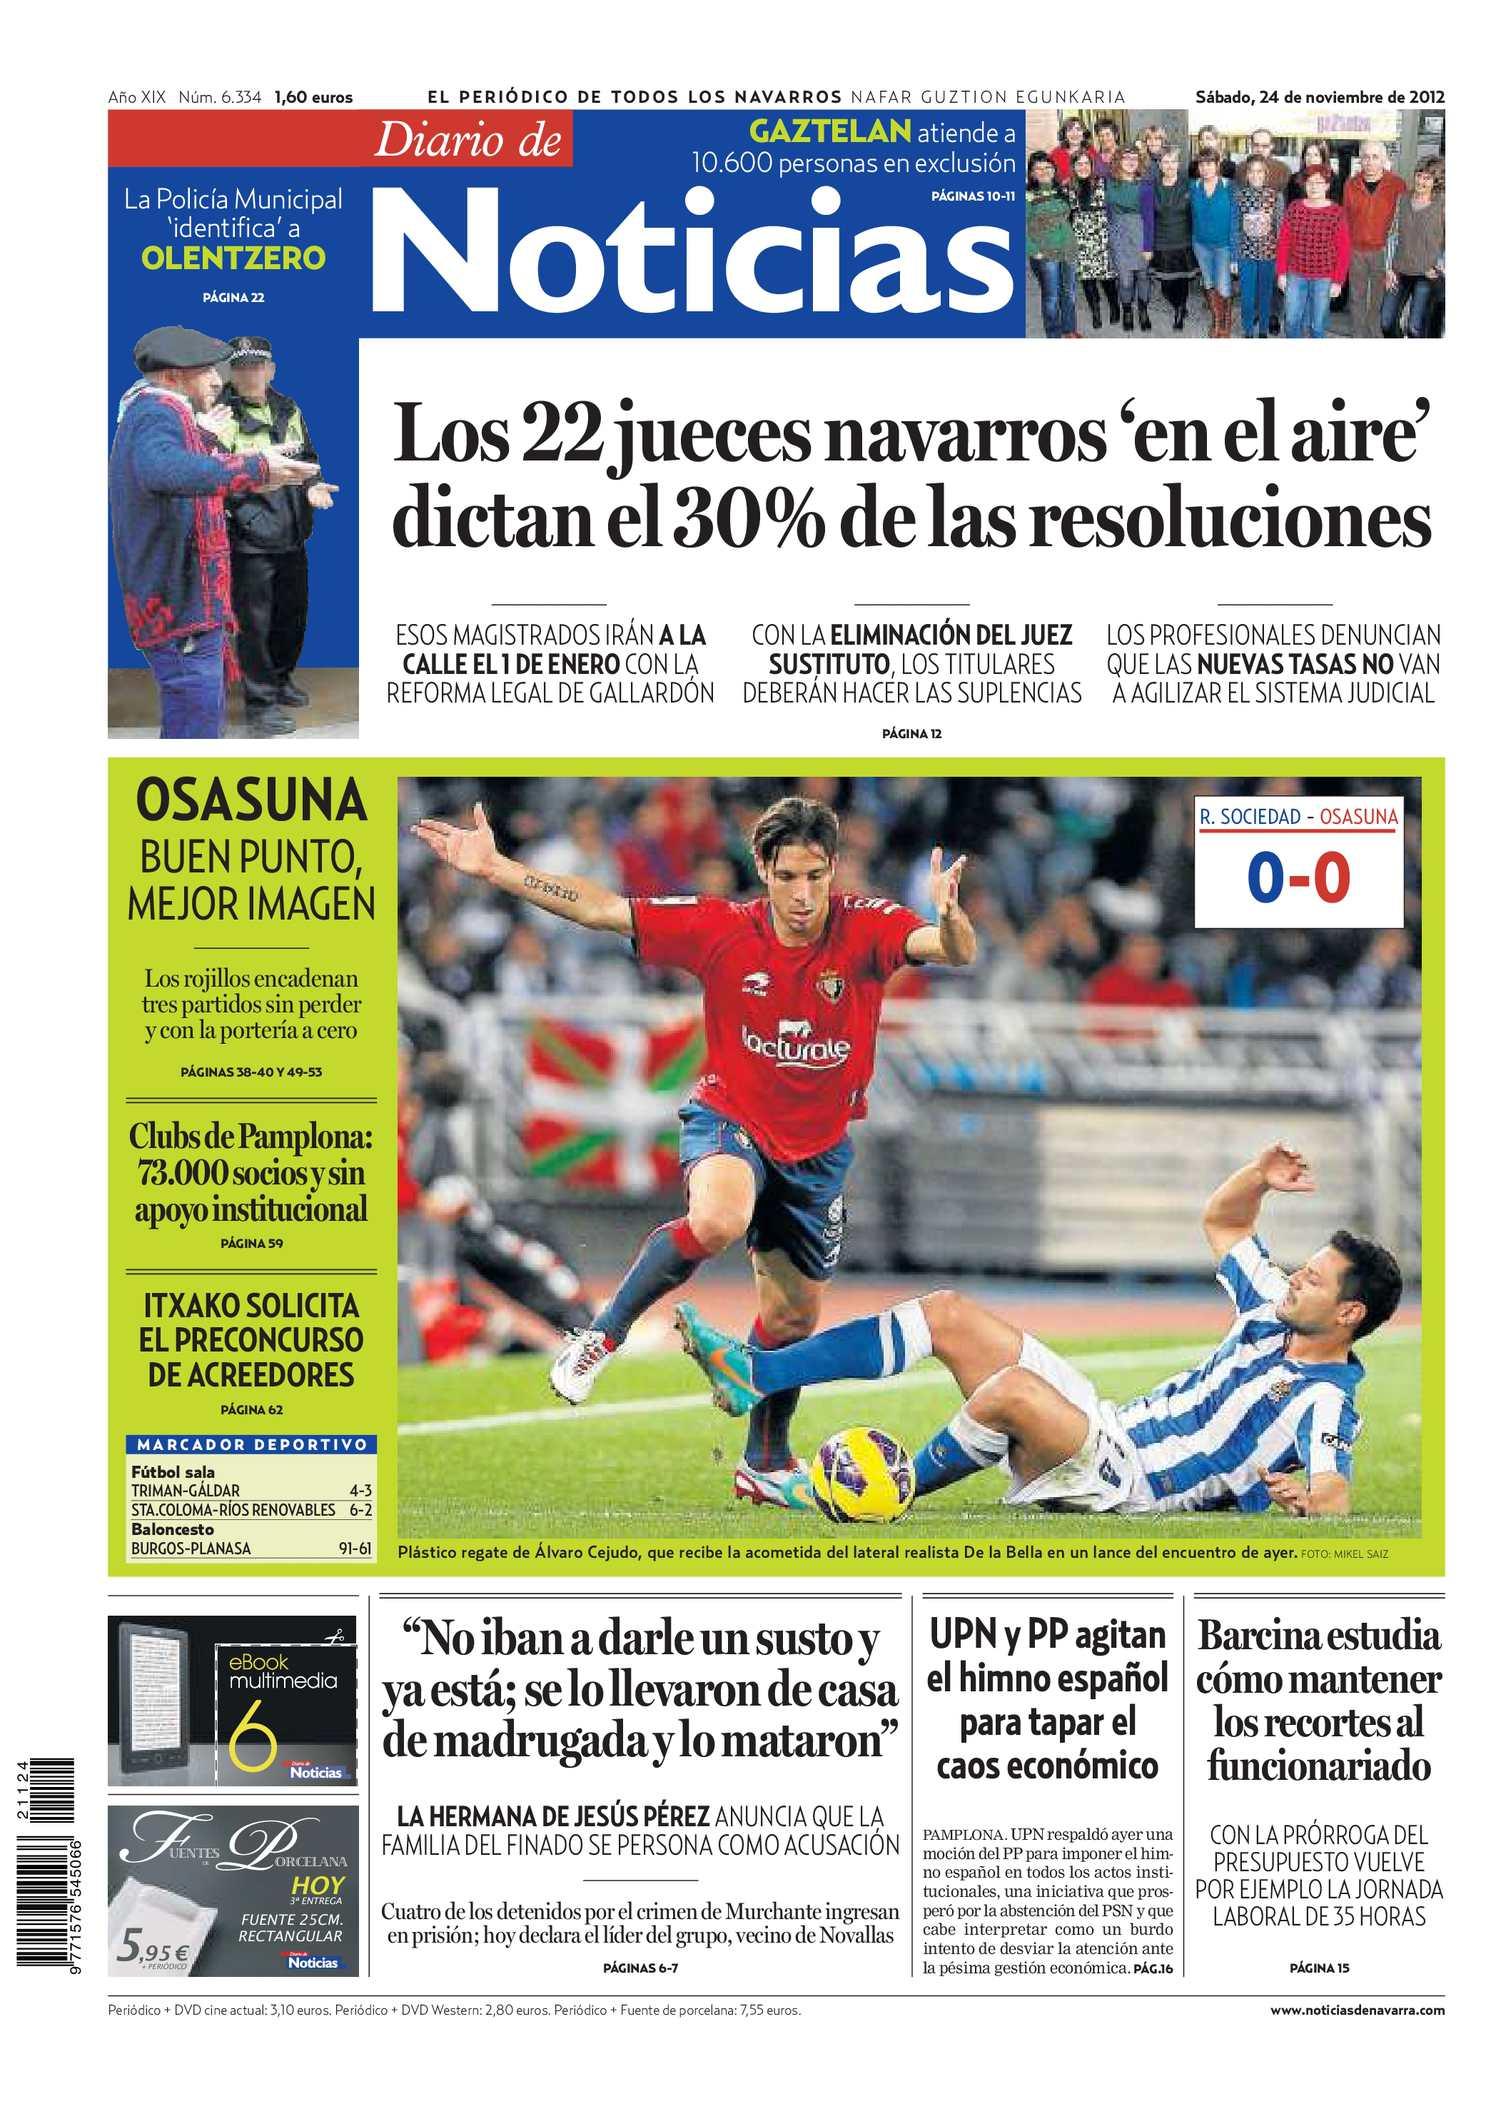 Calaméo - Diario de Noticias 20121124 97472744e9234